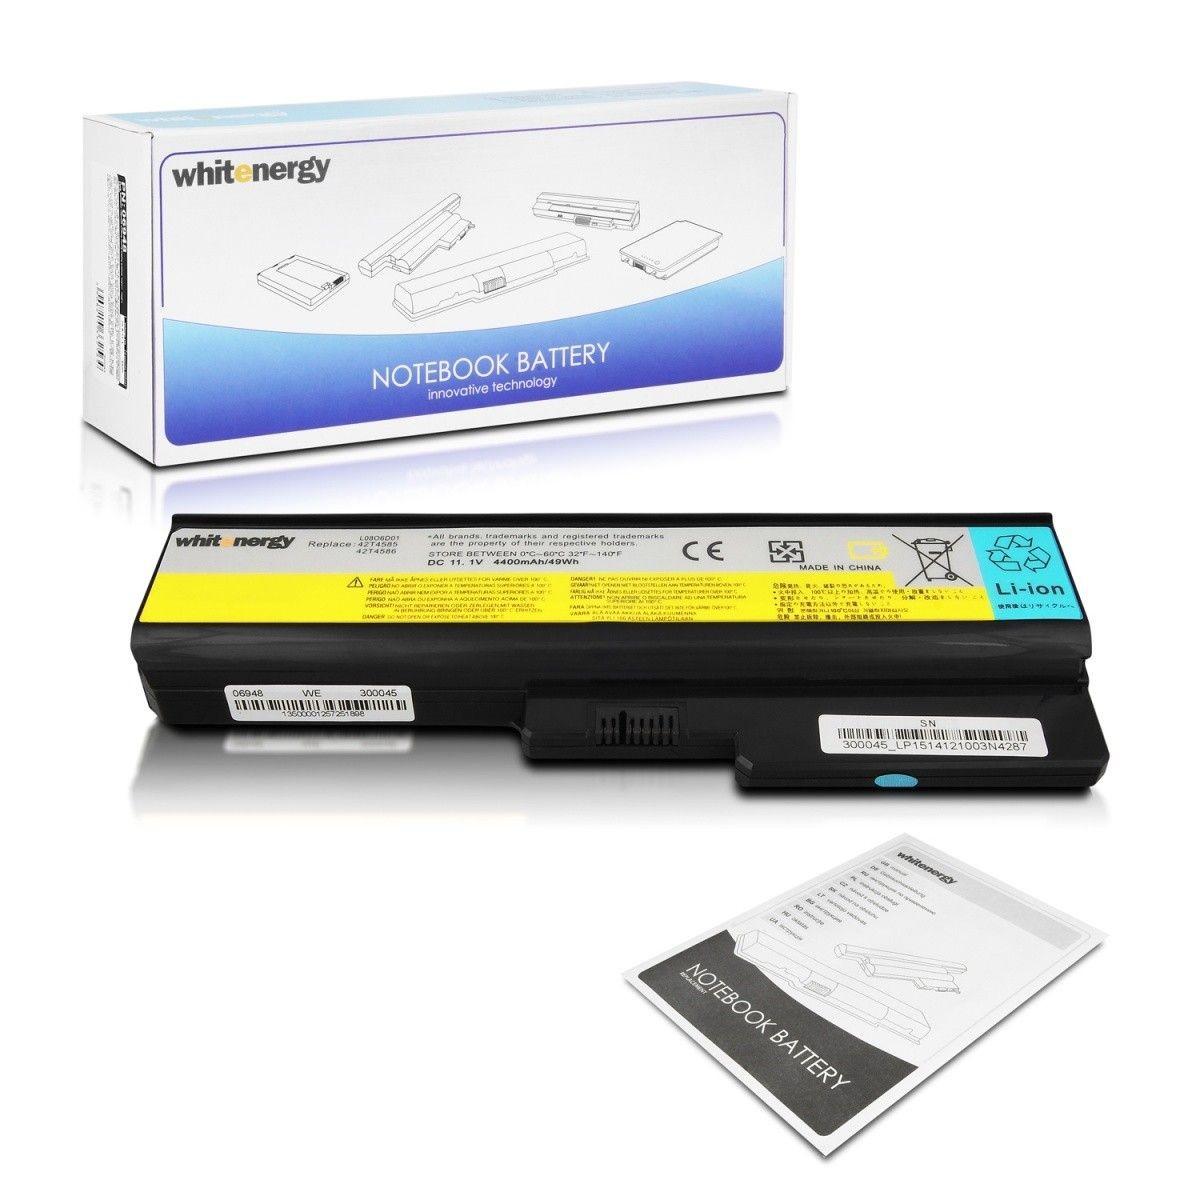 Whitenergy bateria do laptopa Lenovo 3000 G530 11.1V Li-Ion 4400mAh